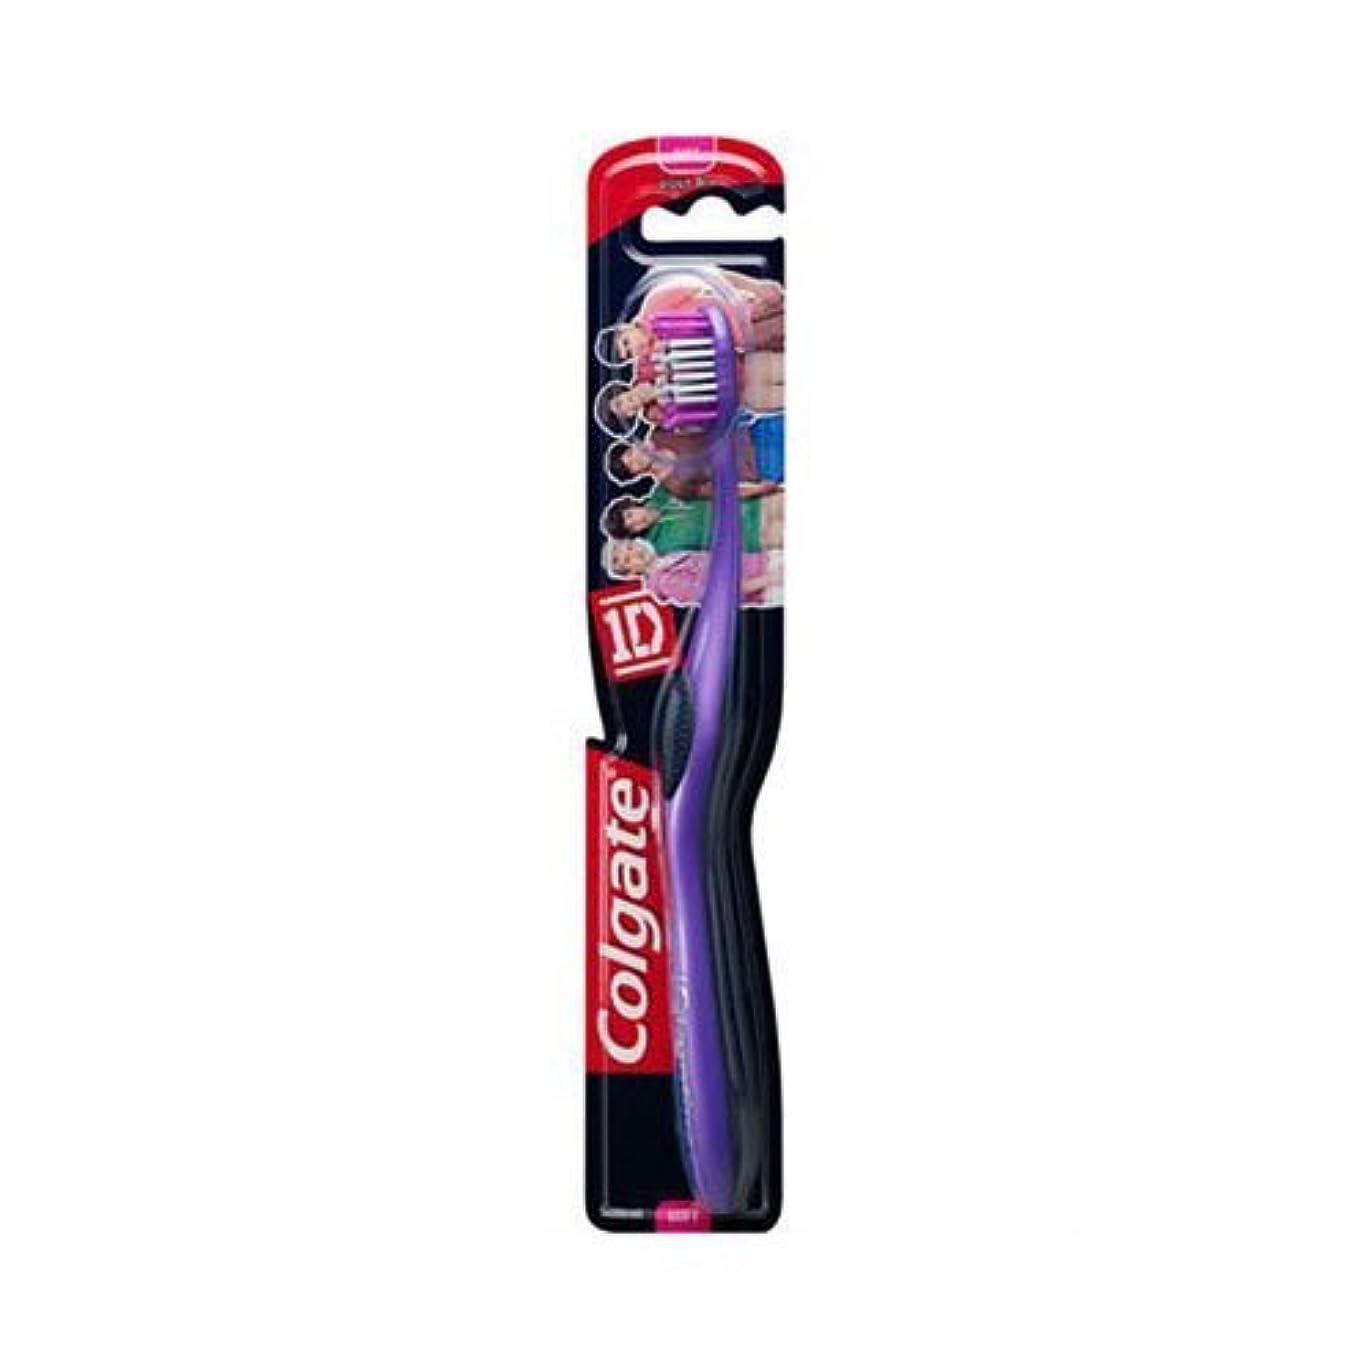 研究アスレチックエピソードColgate 1d (One Direction) Maxfresh Soft Toothbrush Age 8+ by Colgate [並行輸入品]